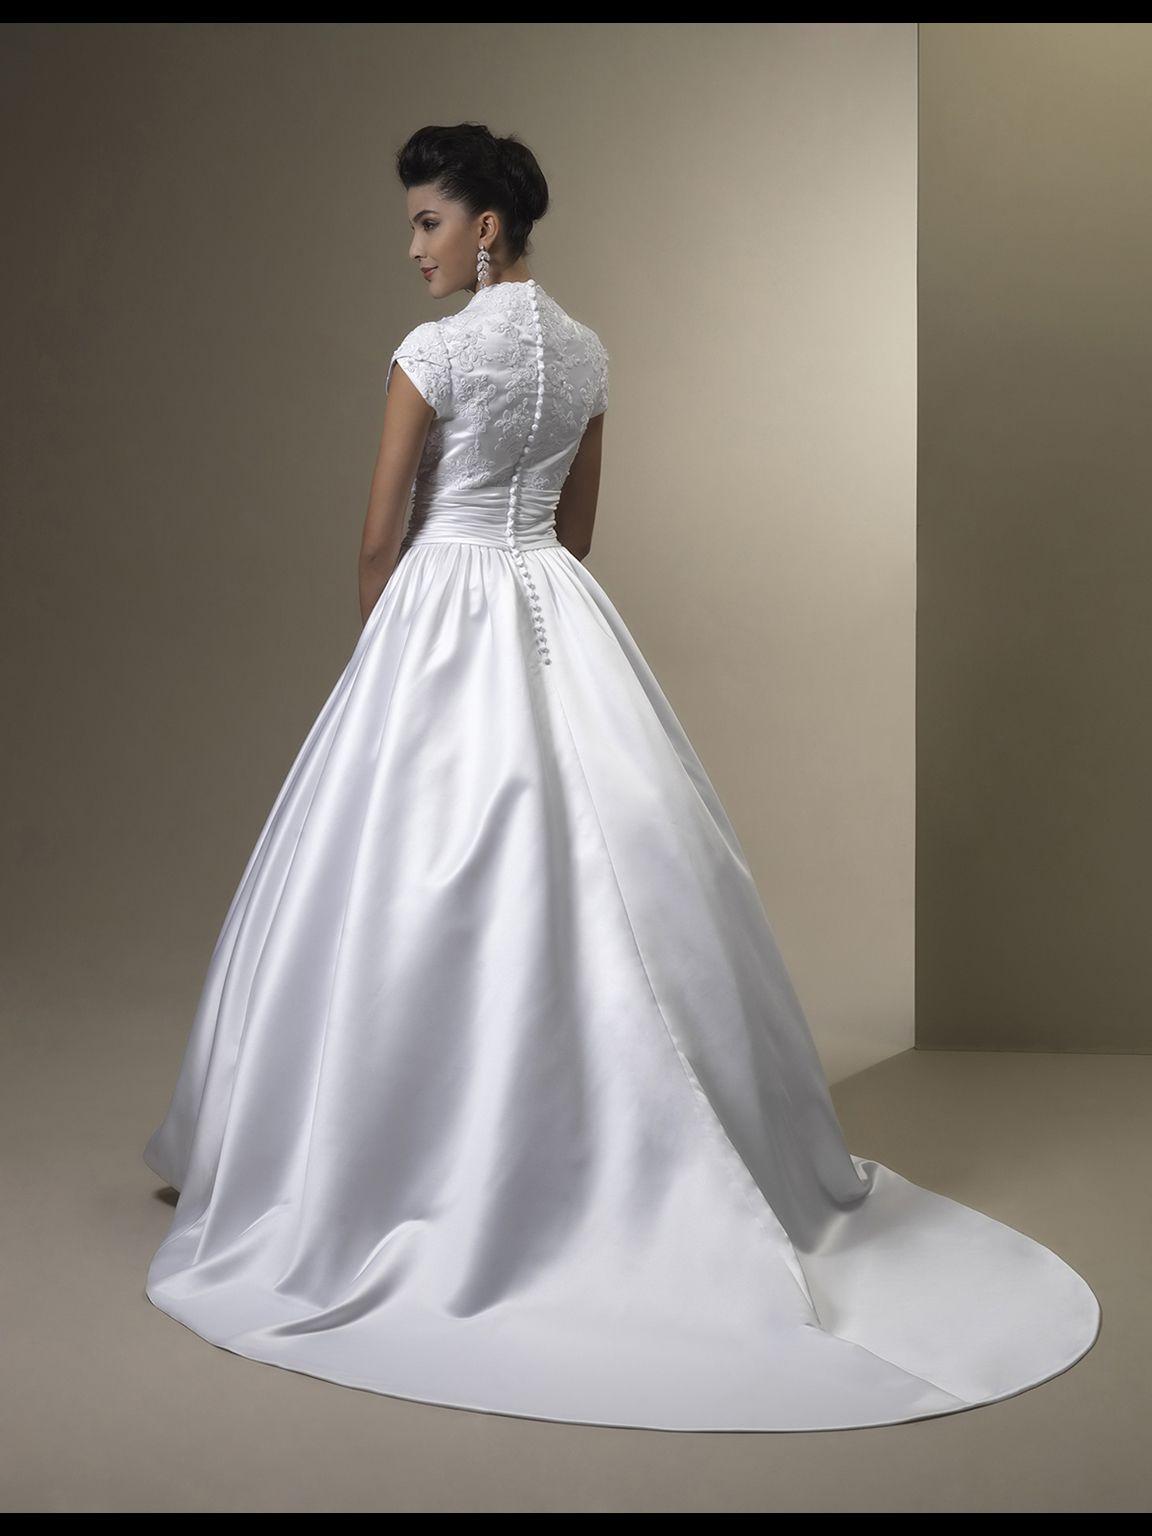 Vestido de Noiva Vintage una línea de encaje satinado vestidos de novia modestos con mangas casquillo Botones de cuello alto Volver Vestidos de novia modestos personalizados